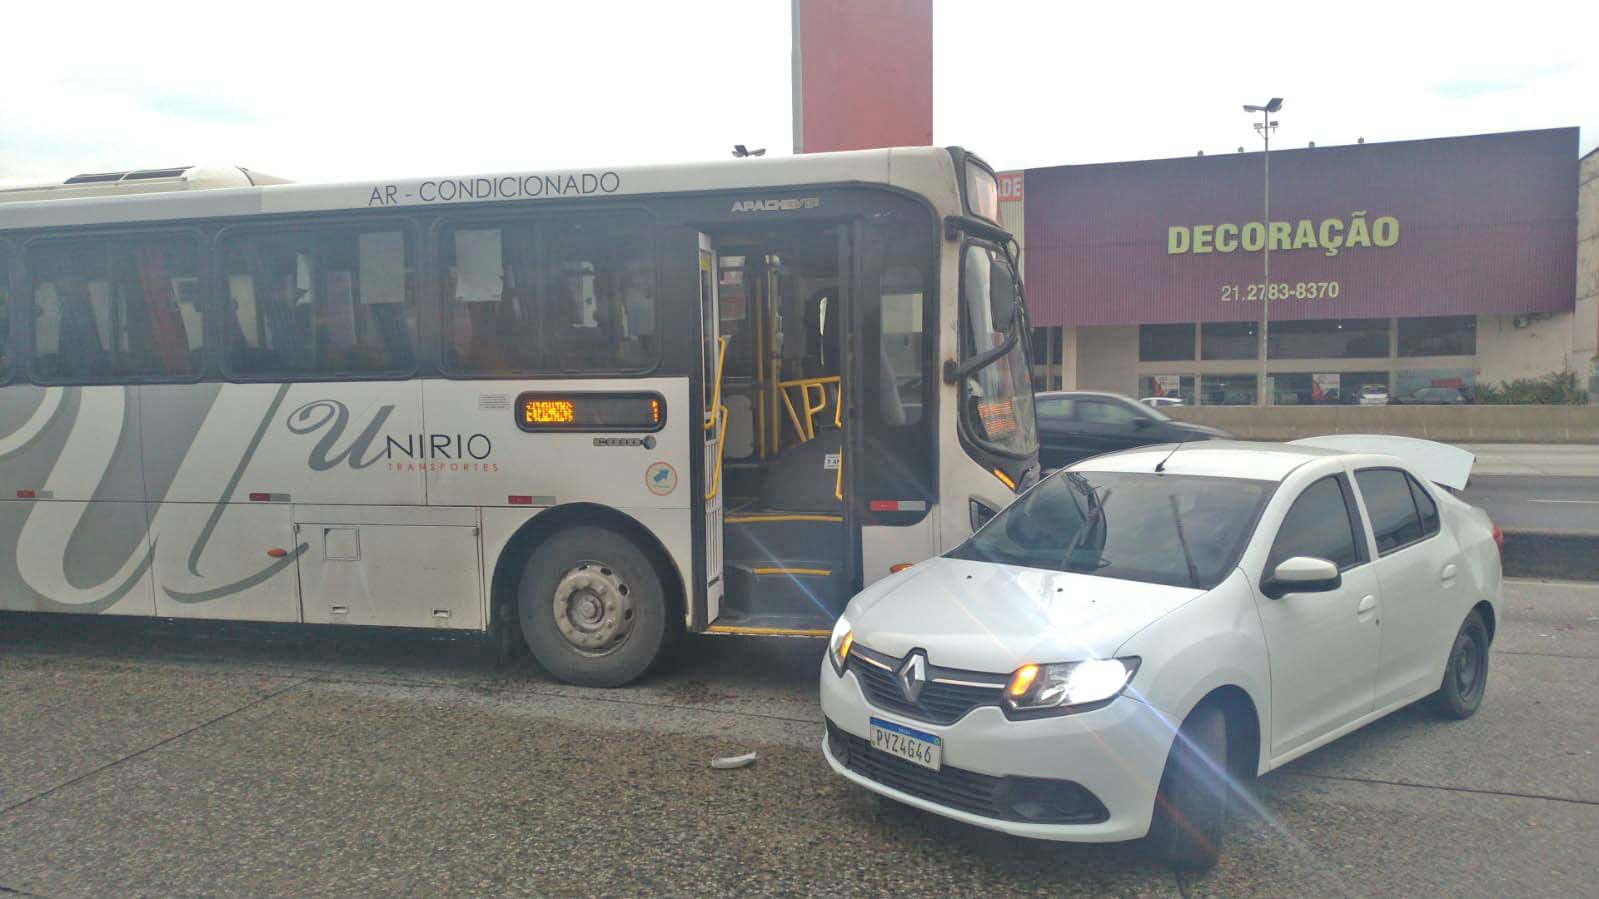 Rio: Acidente entre carro e ônibus da UniRio chama a atenção na Avenida Brasil